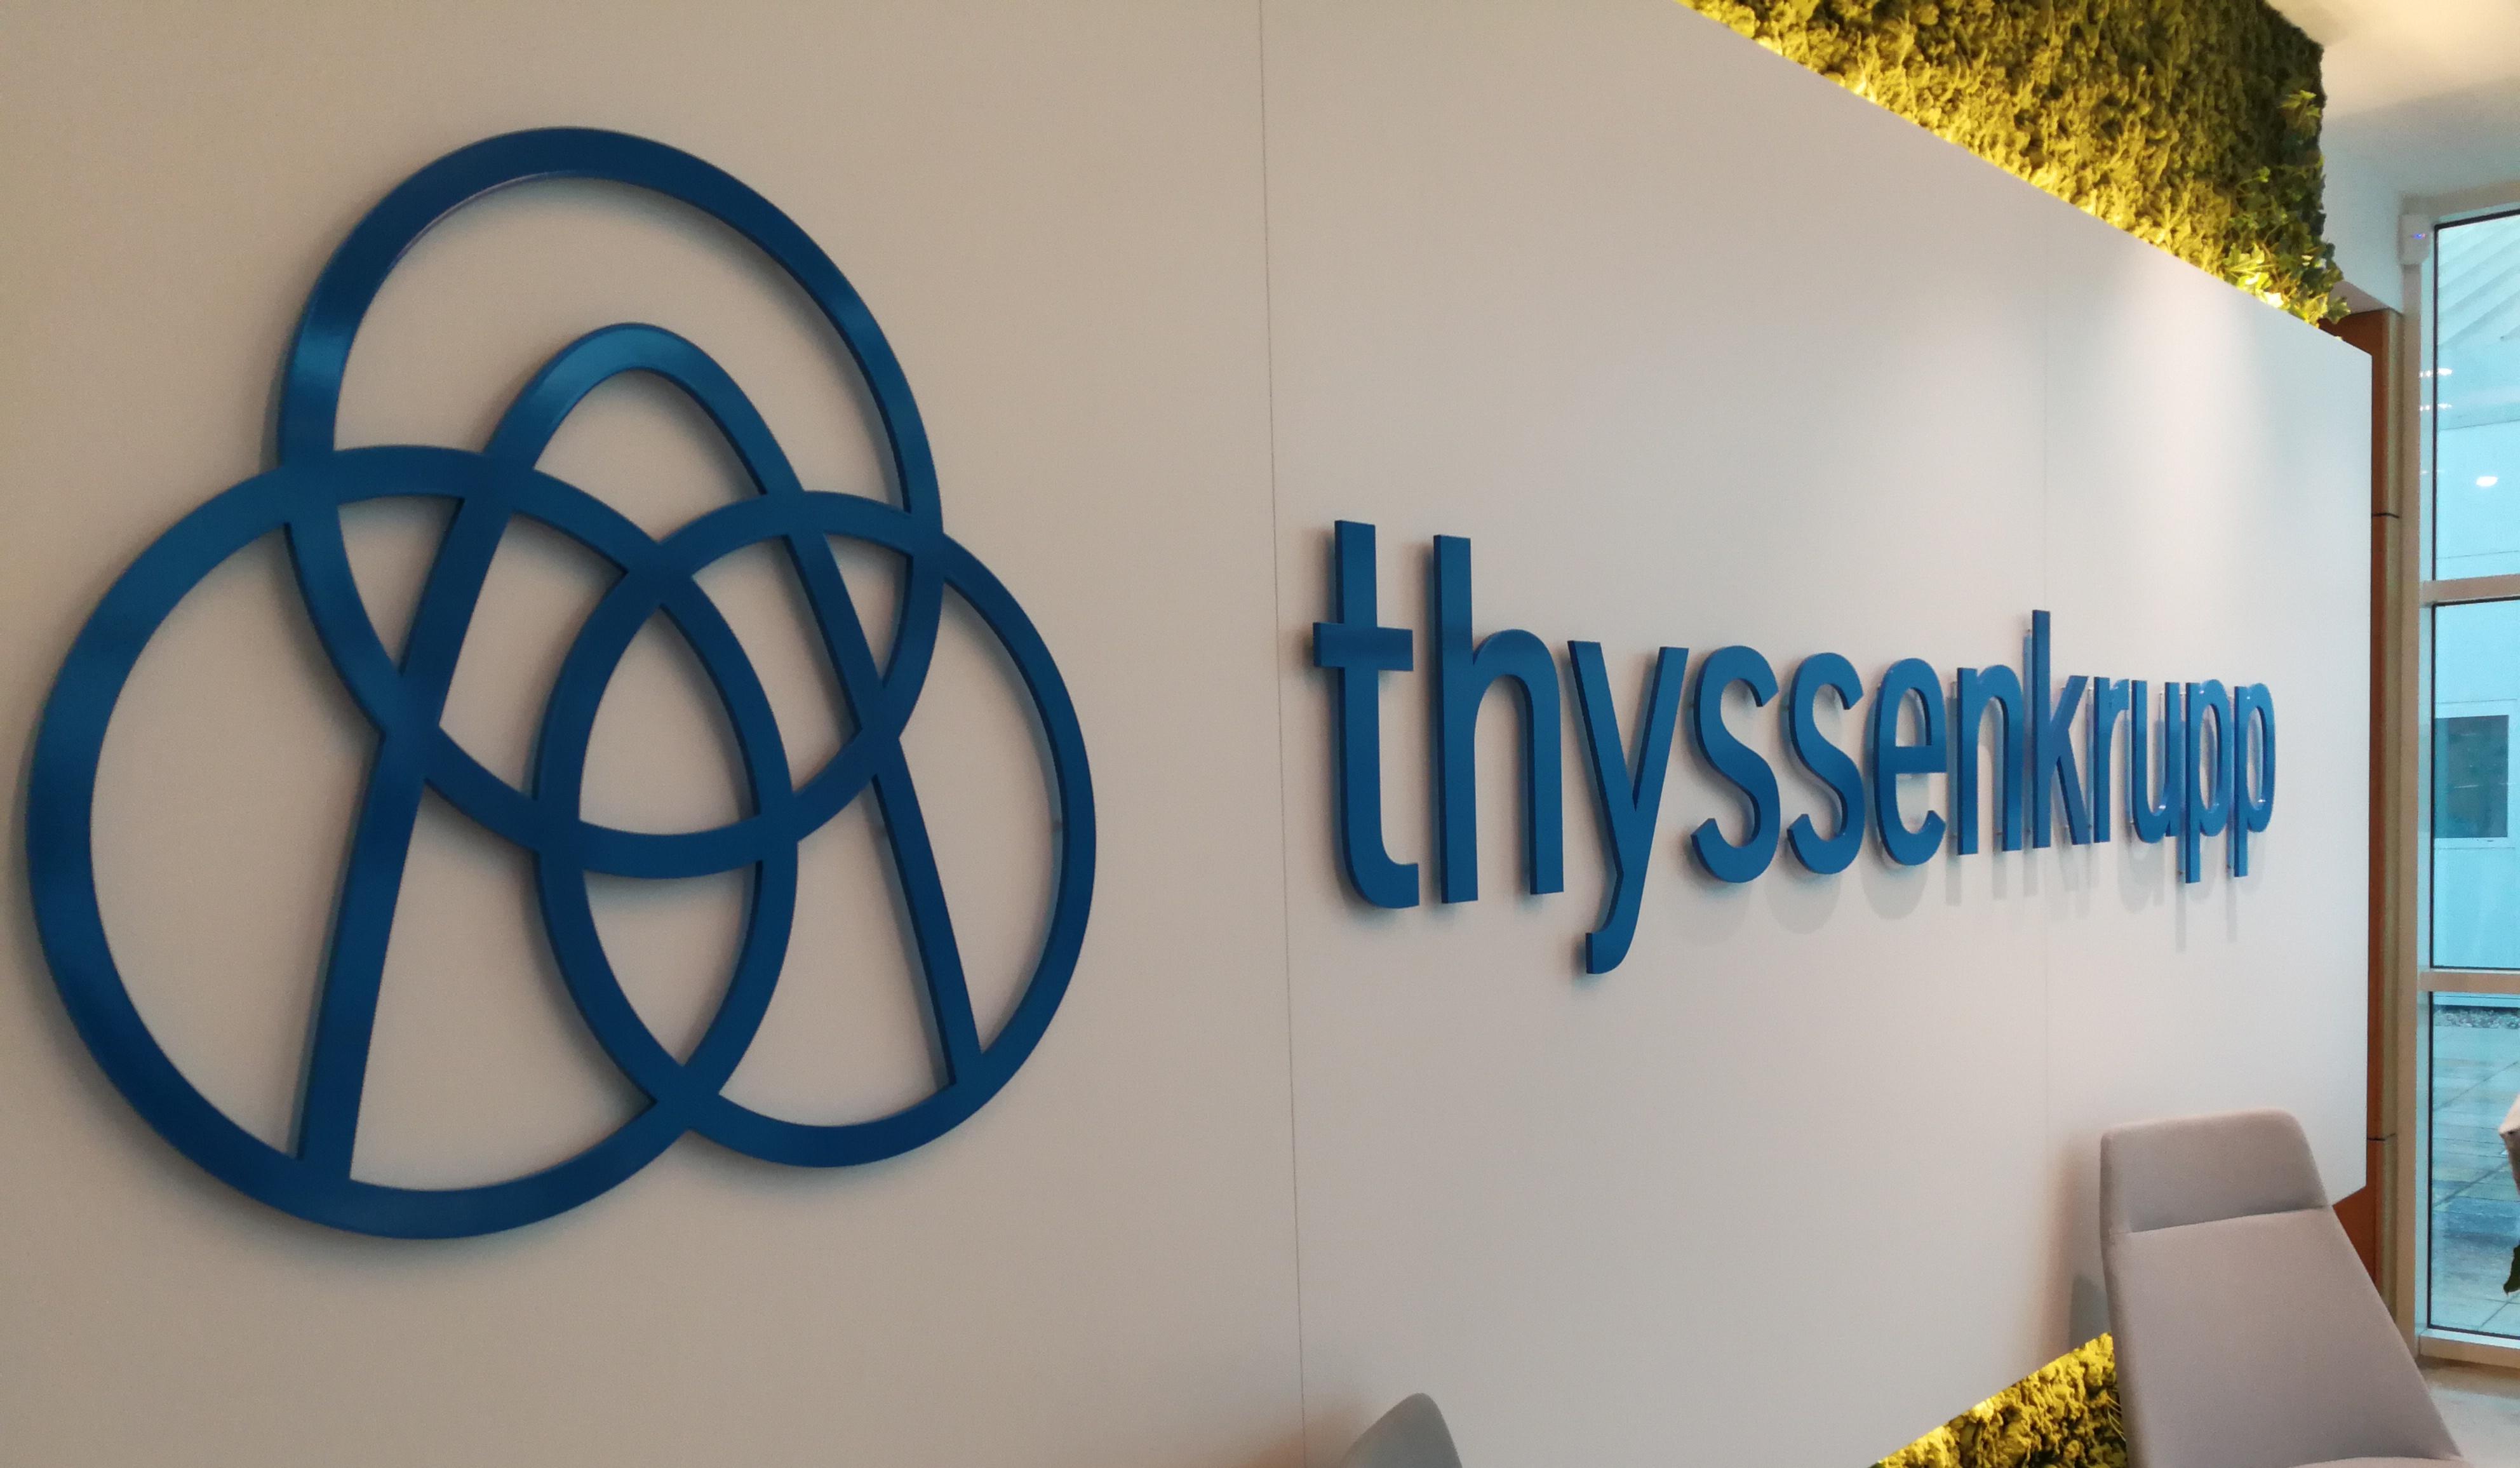 Thyssenkrupp-Interior-Plate-Letters-2-e1593081326685